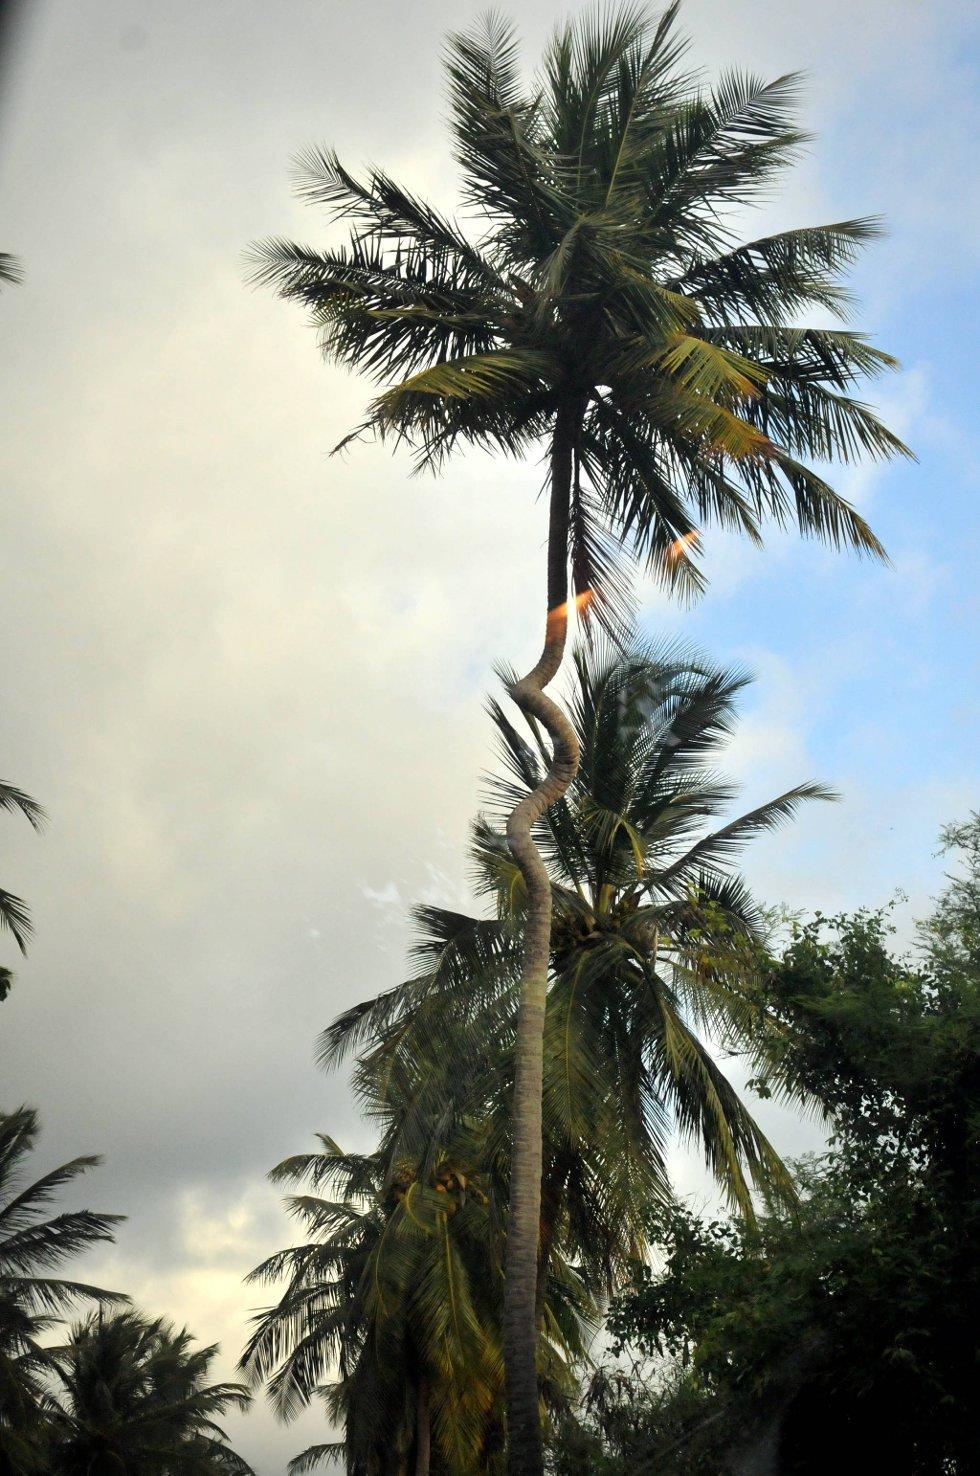 Denne unike palmen finnes det bare én av i verden i følge de lokale. Det er uvisst hvordan treet har tatt form.  (Foto: Terje Alstad, ANB)